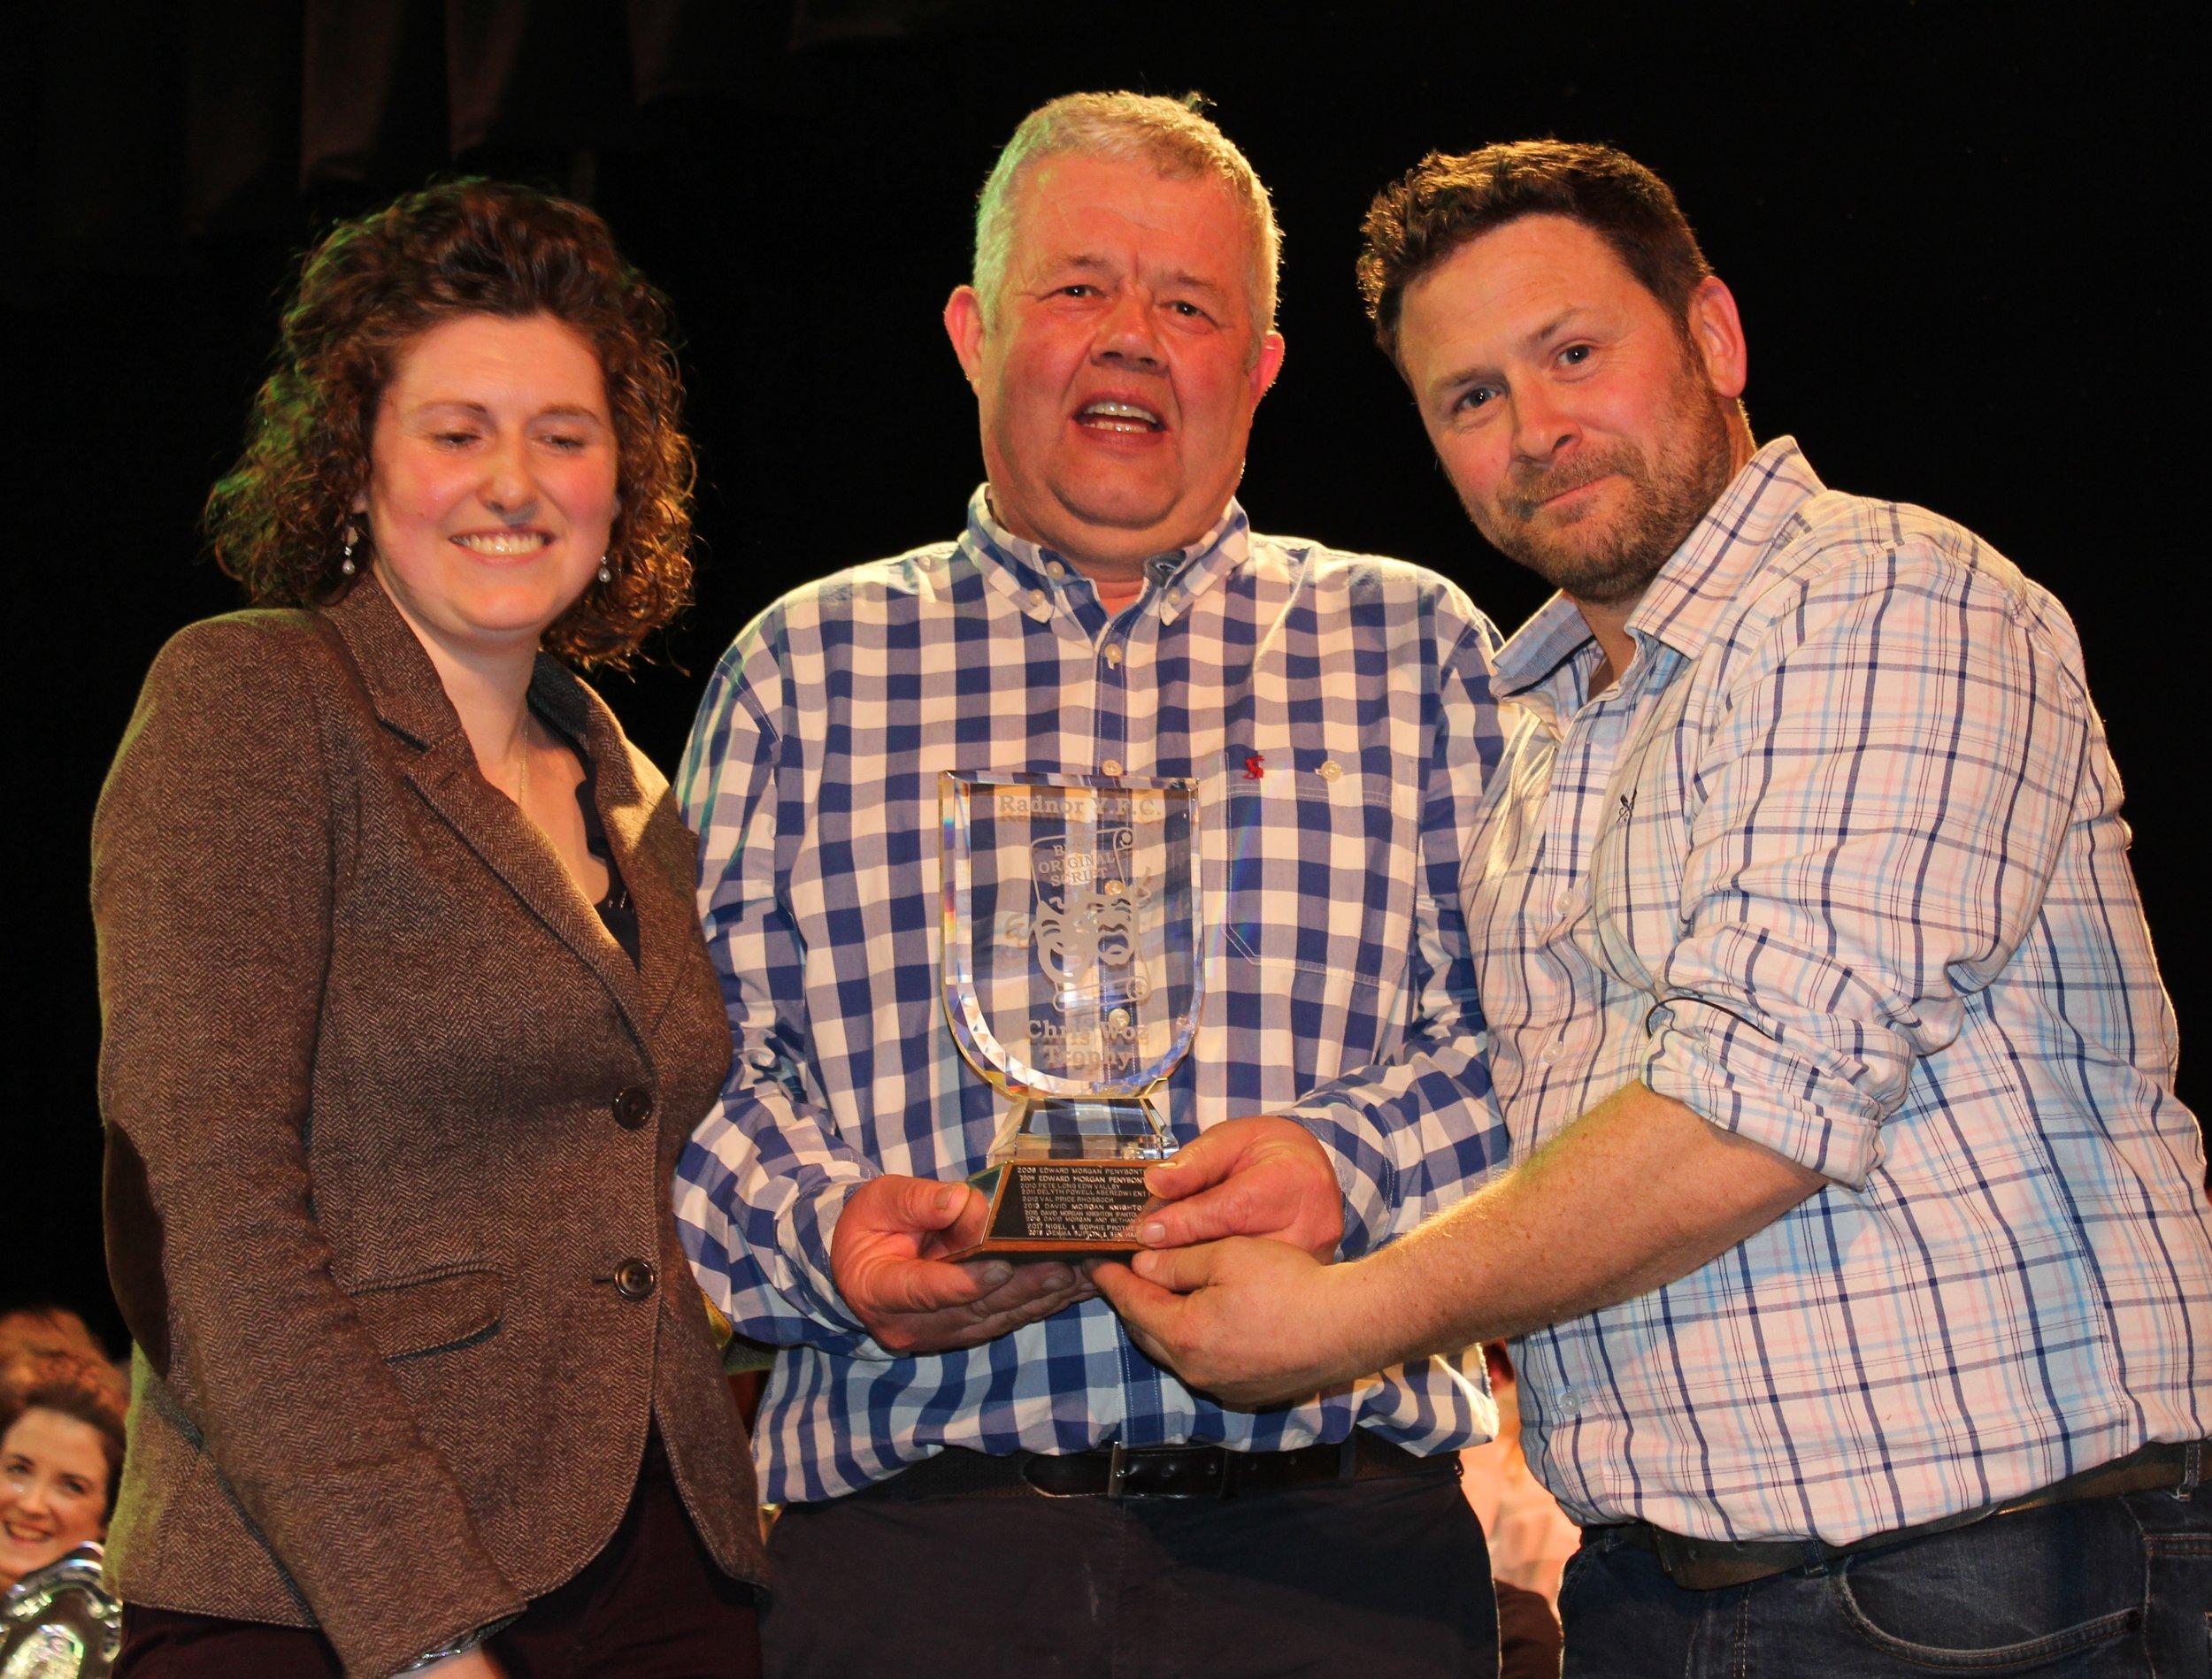 Gwyn Price & James Powell, Llanbadarn Fynydd YFC - Chris Woz Trophy for Best Script